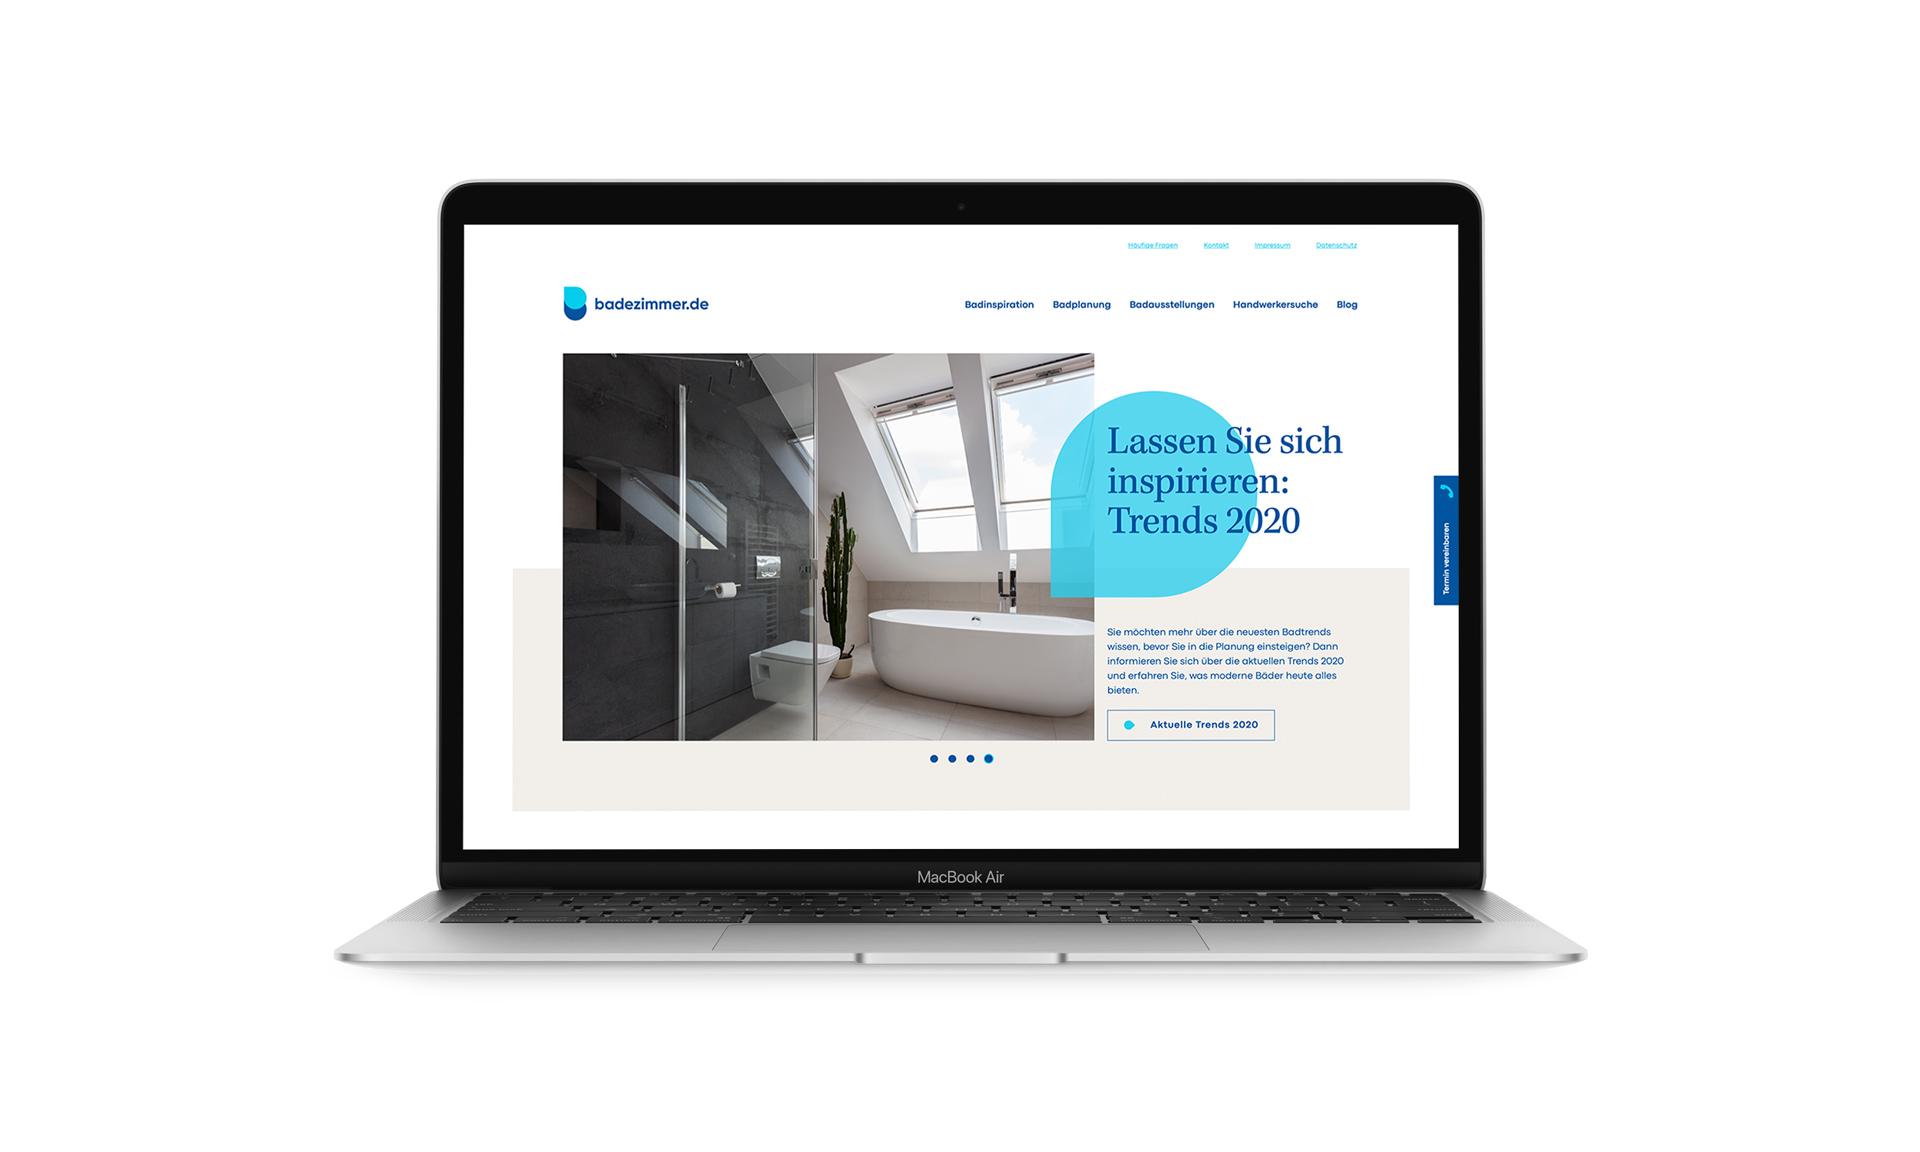 Webdesign und SEO-Maßnahmen für badezimmer.de